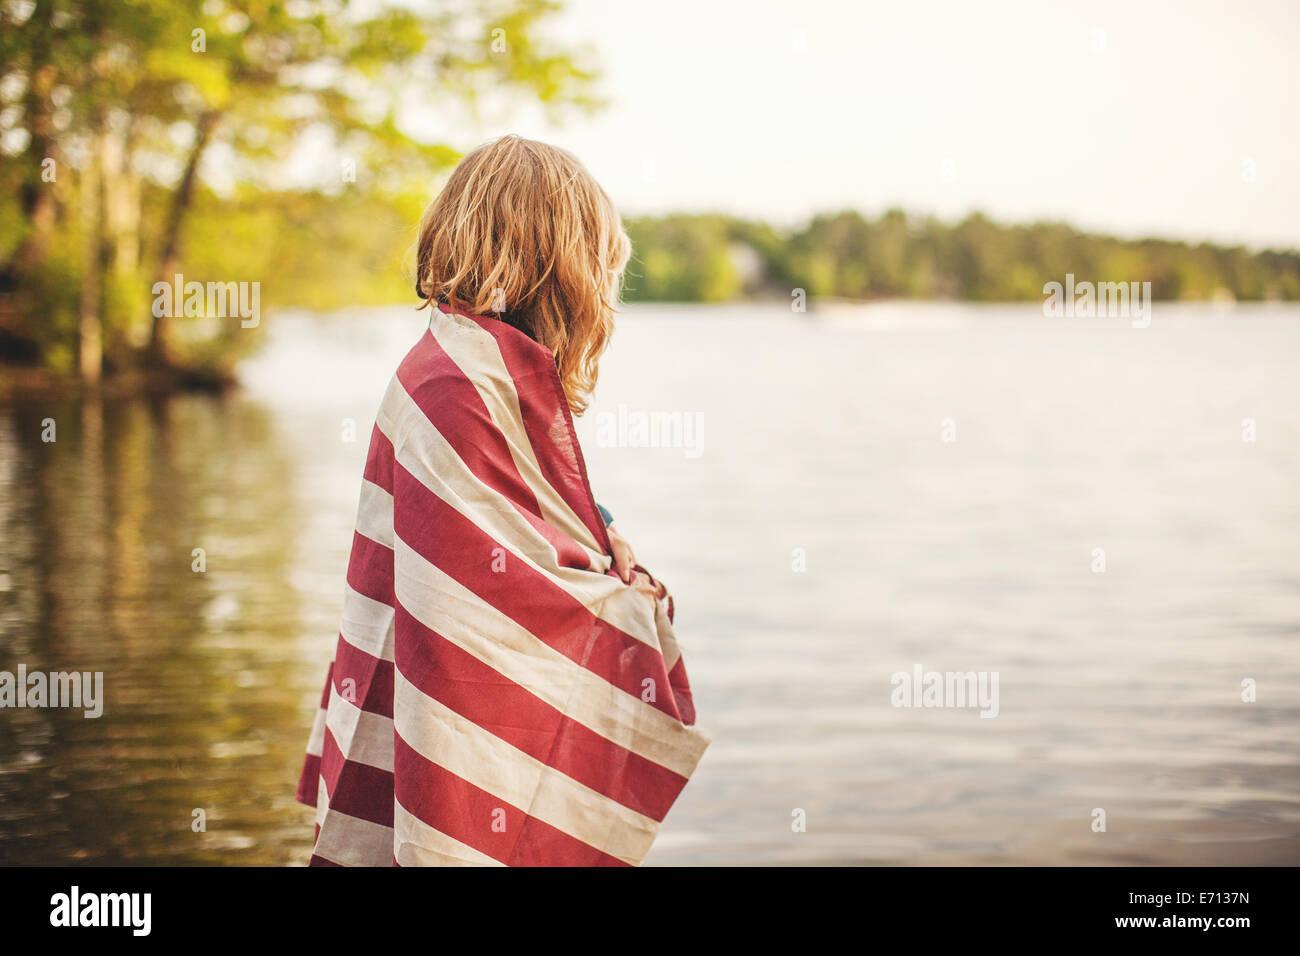 Jeune femme enveloppée de tissu rayé blanc et rouge Photo Stock